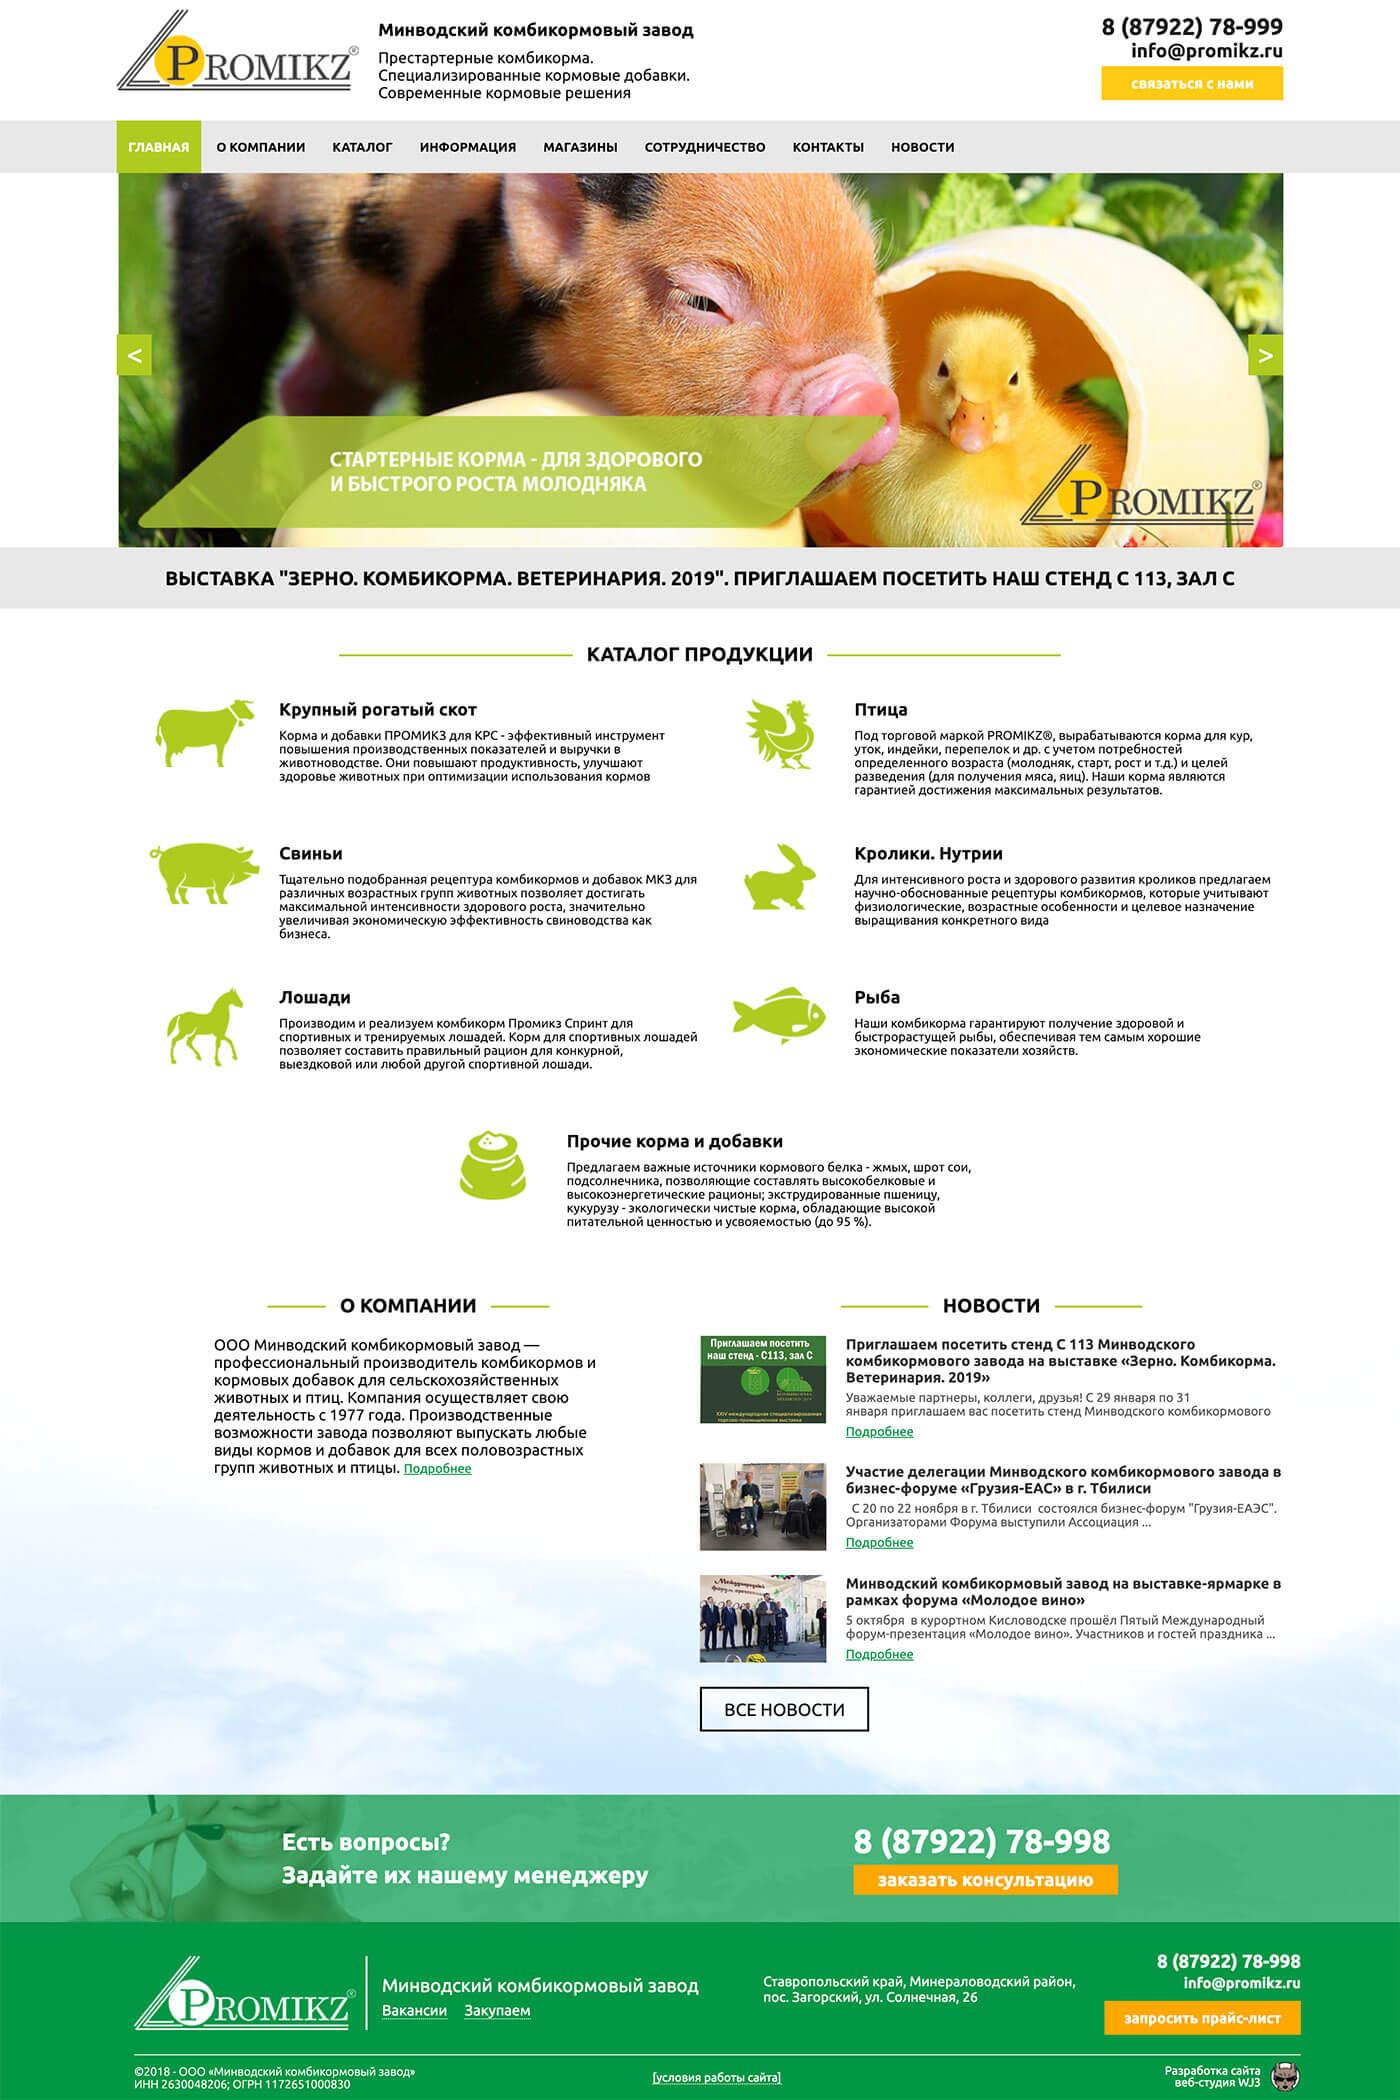 Сайт Минводского комбикормового завода